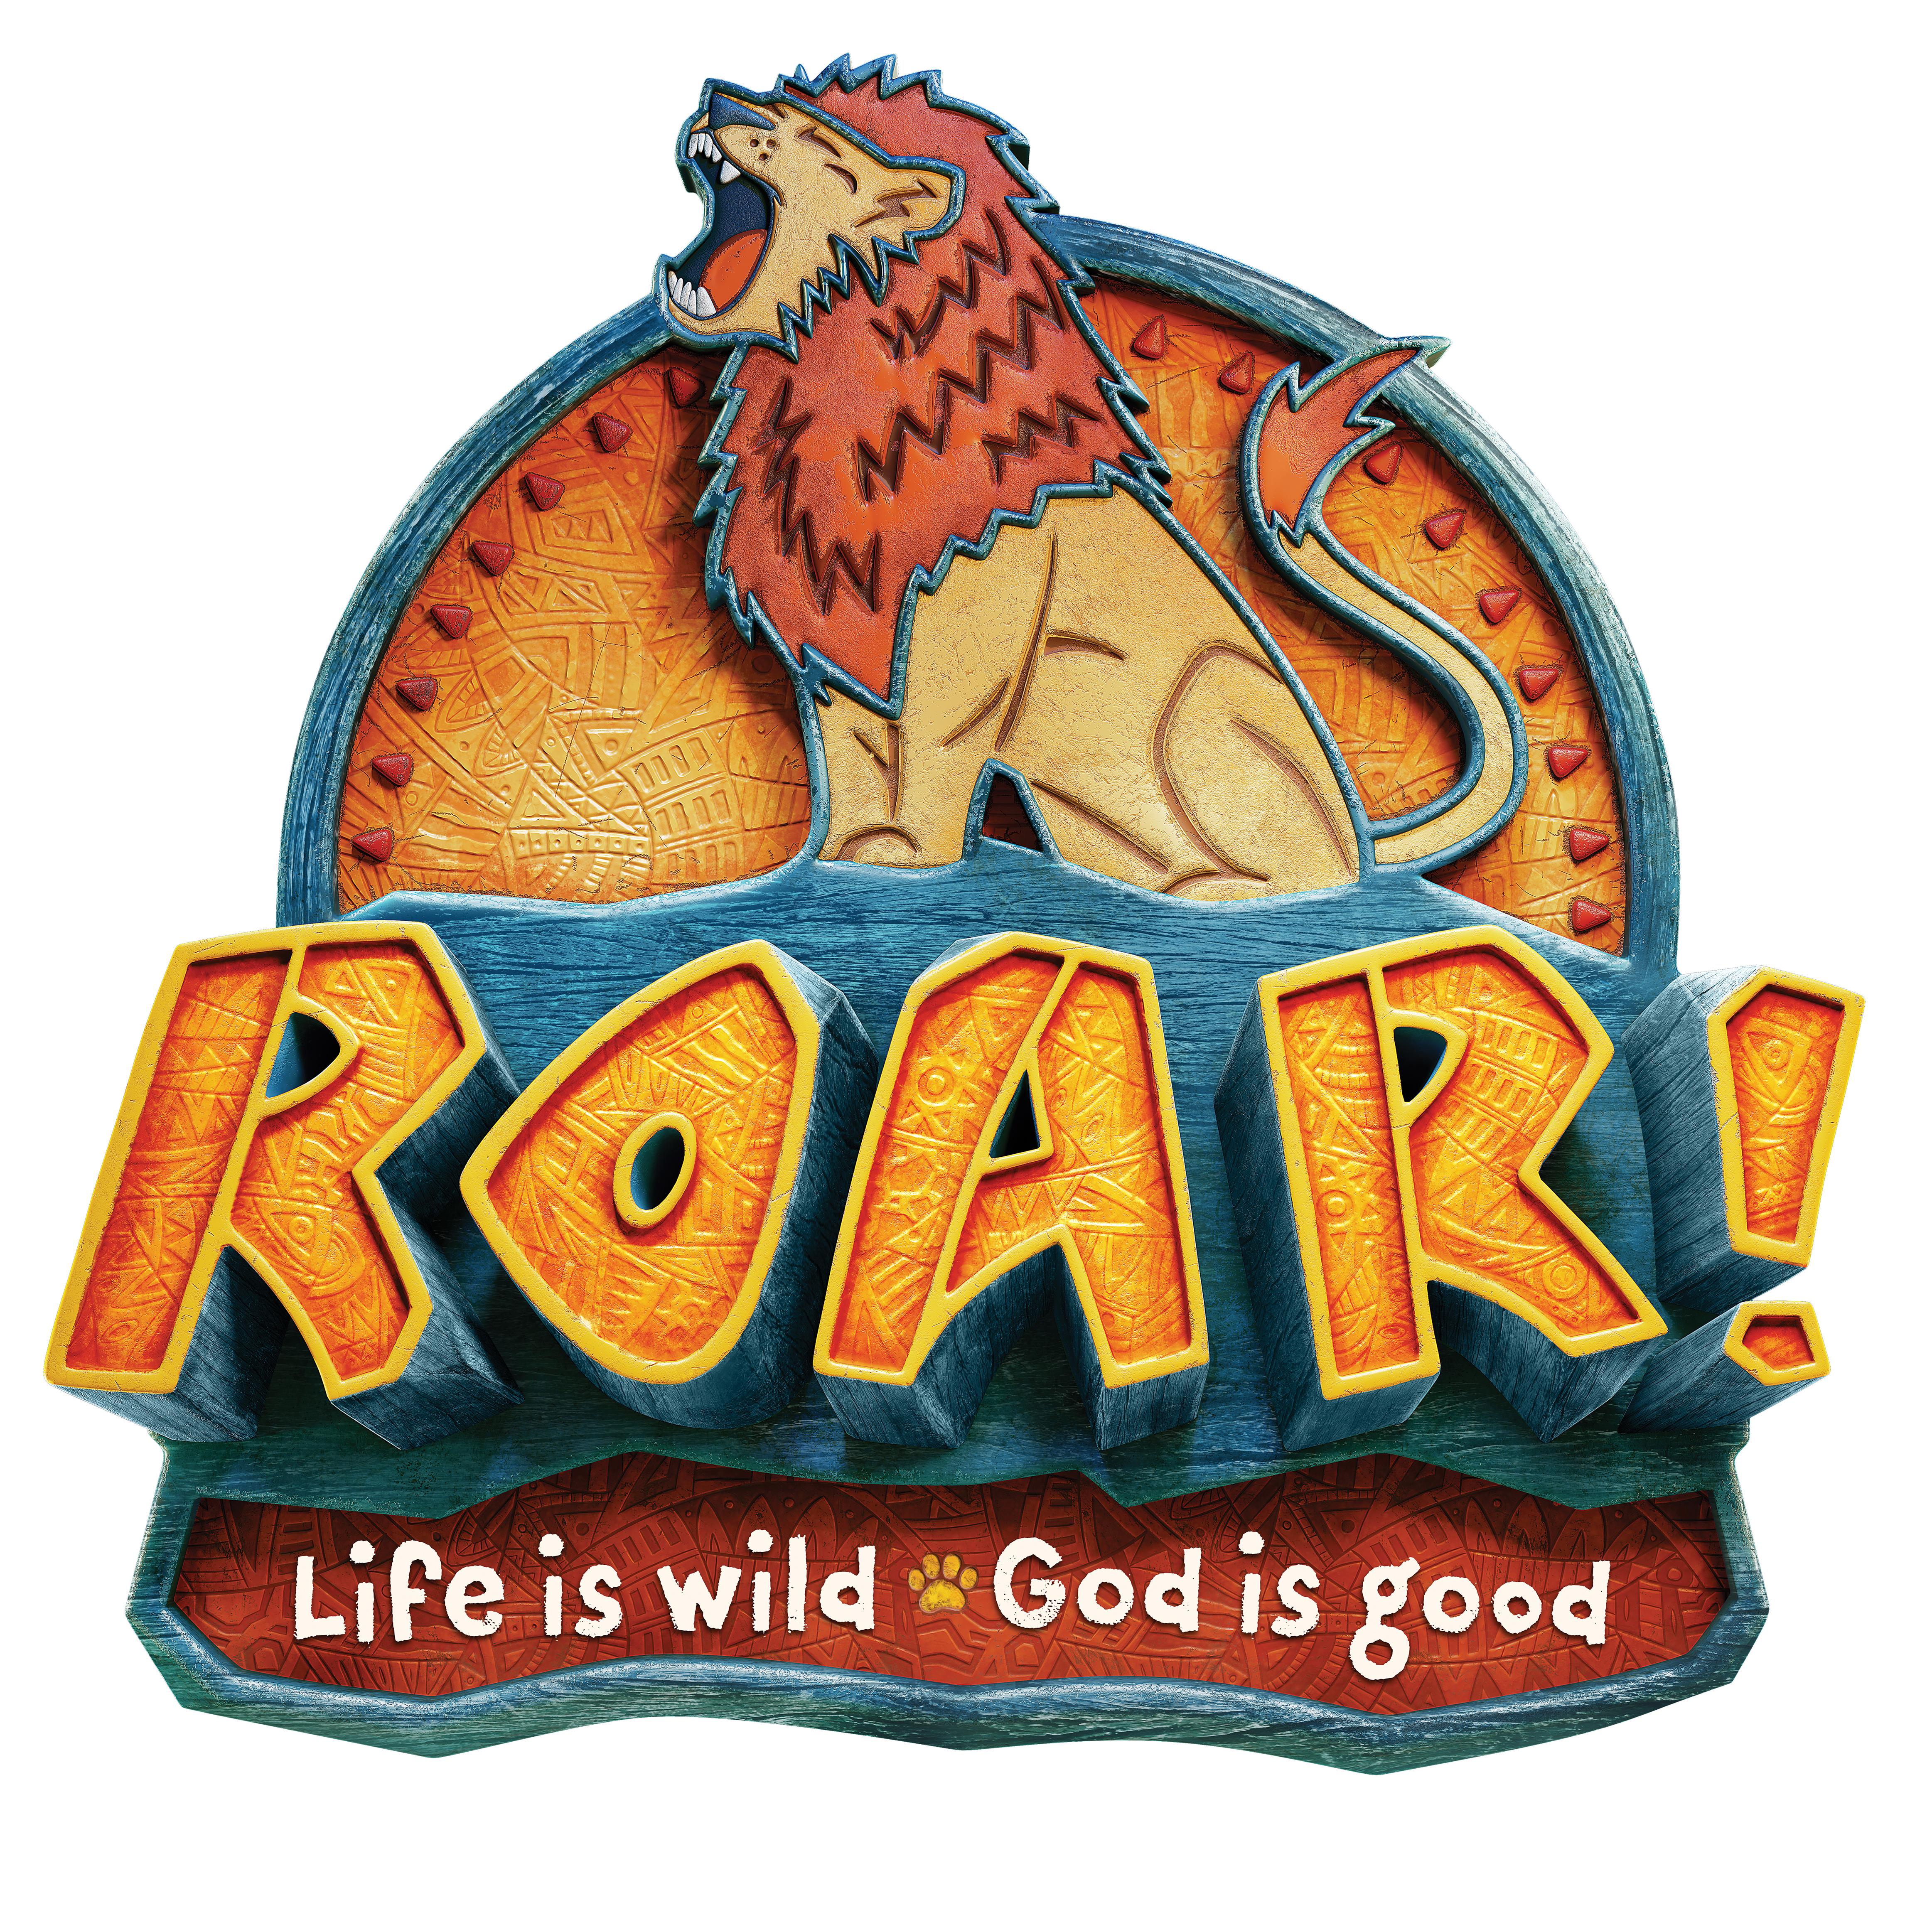 ROAR! Vacation Bible School